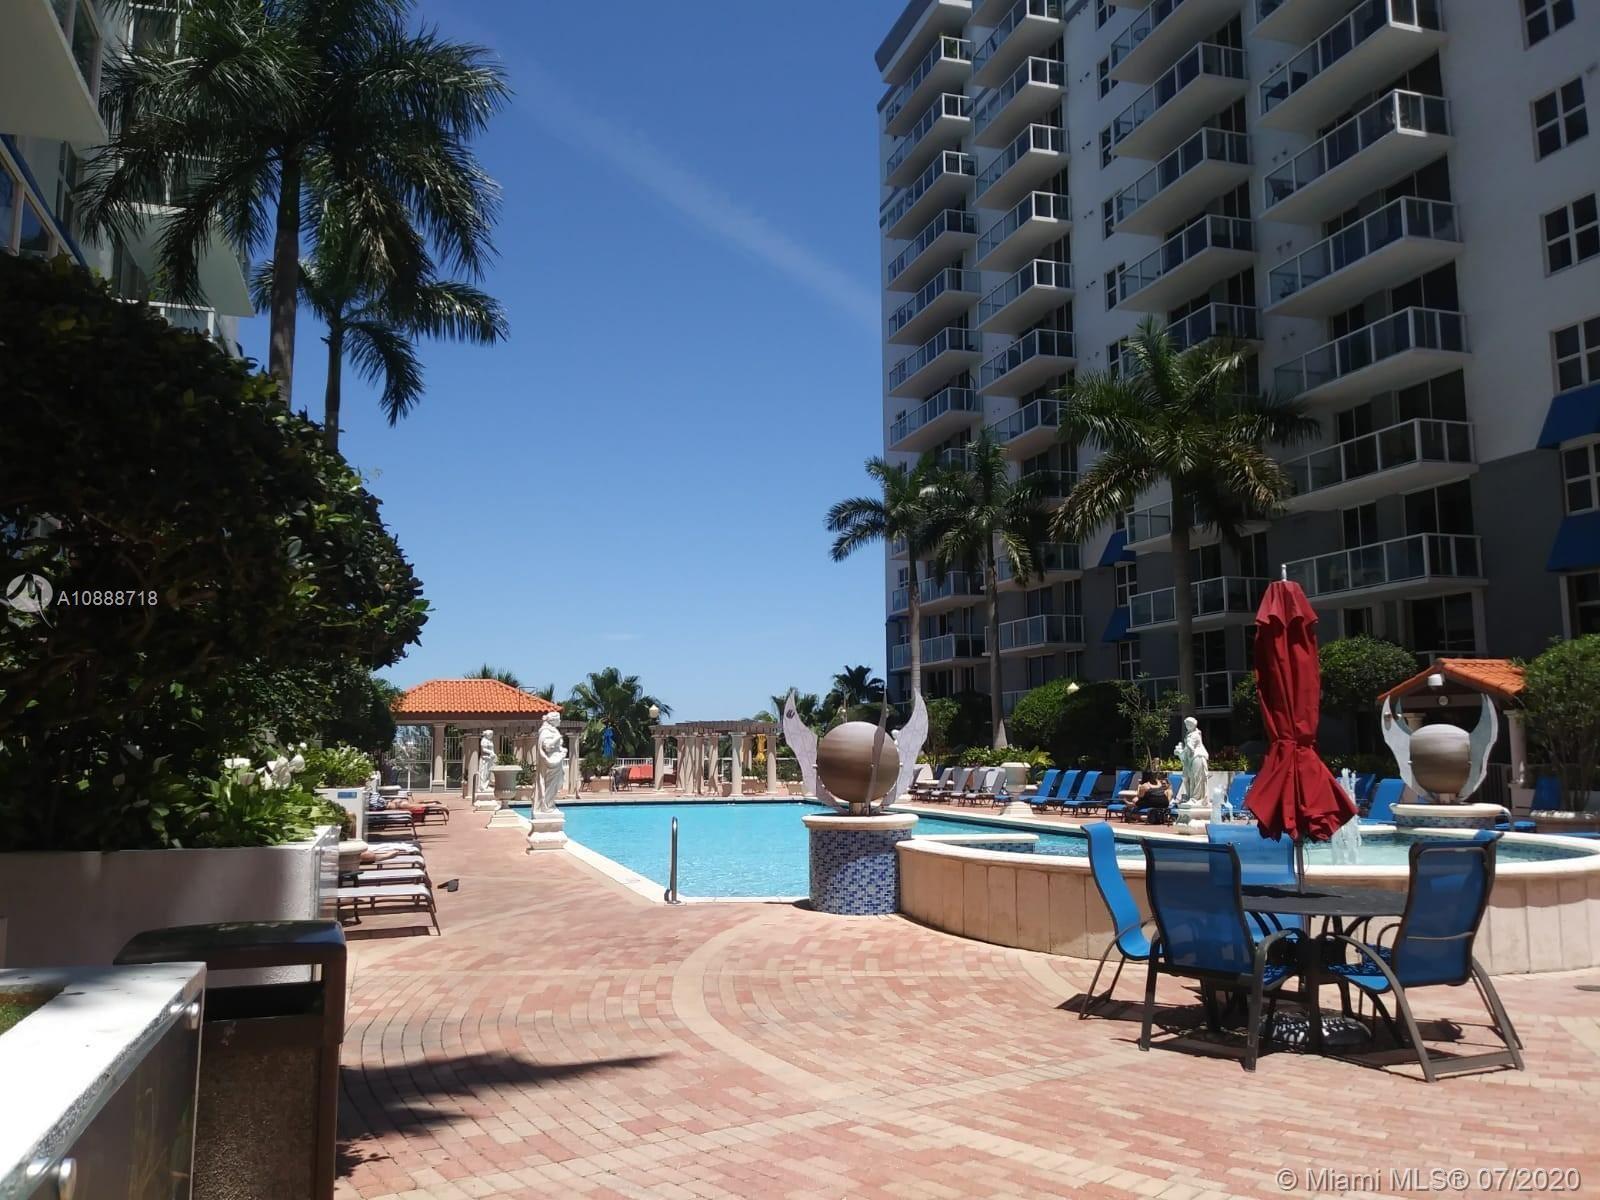 5085 NW 7th St #807, Miami, FL 33126 - #: A10888718